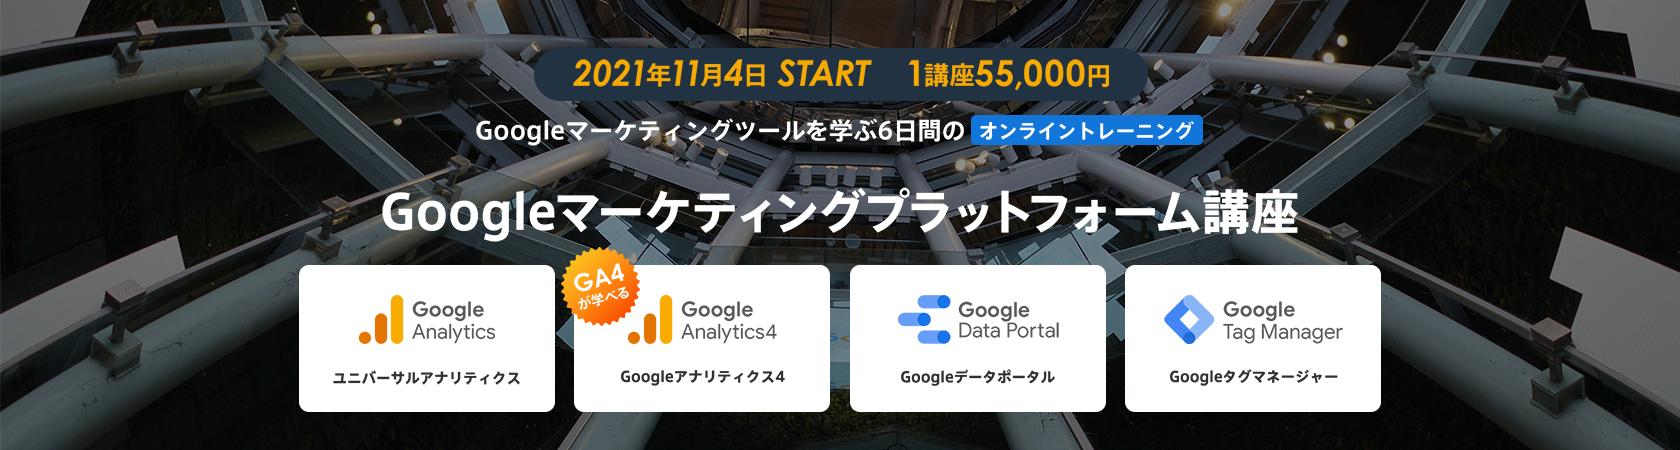 Googleマーケティングプラットフォーム講座